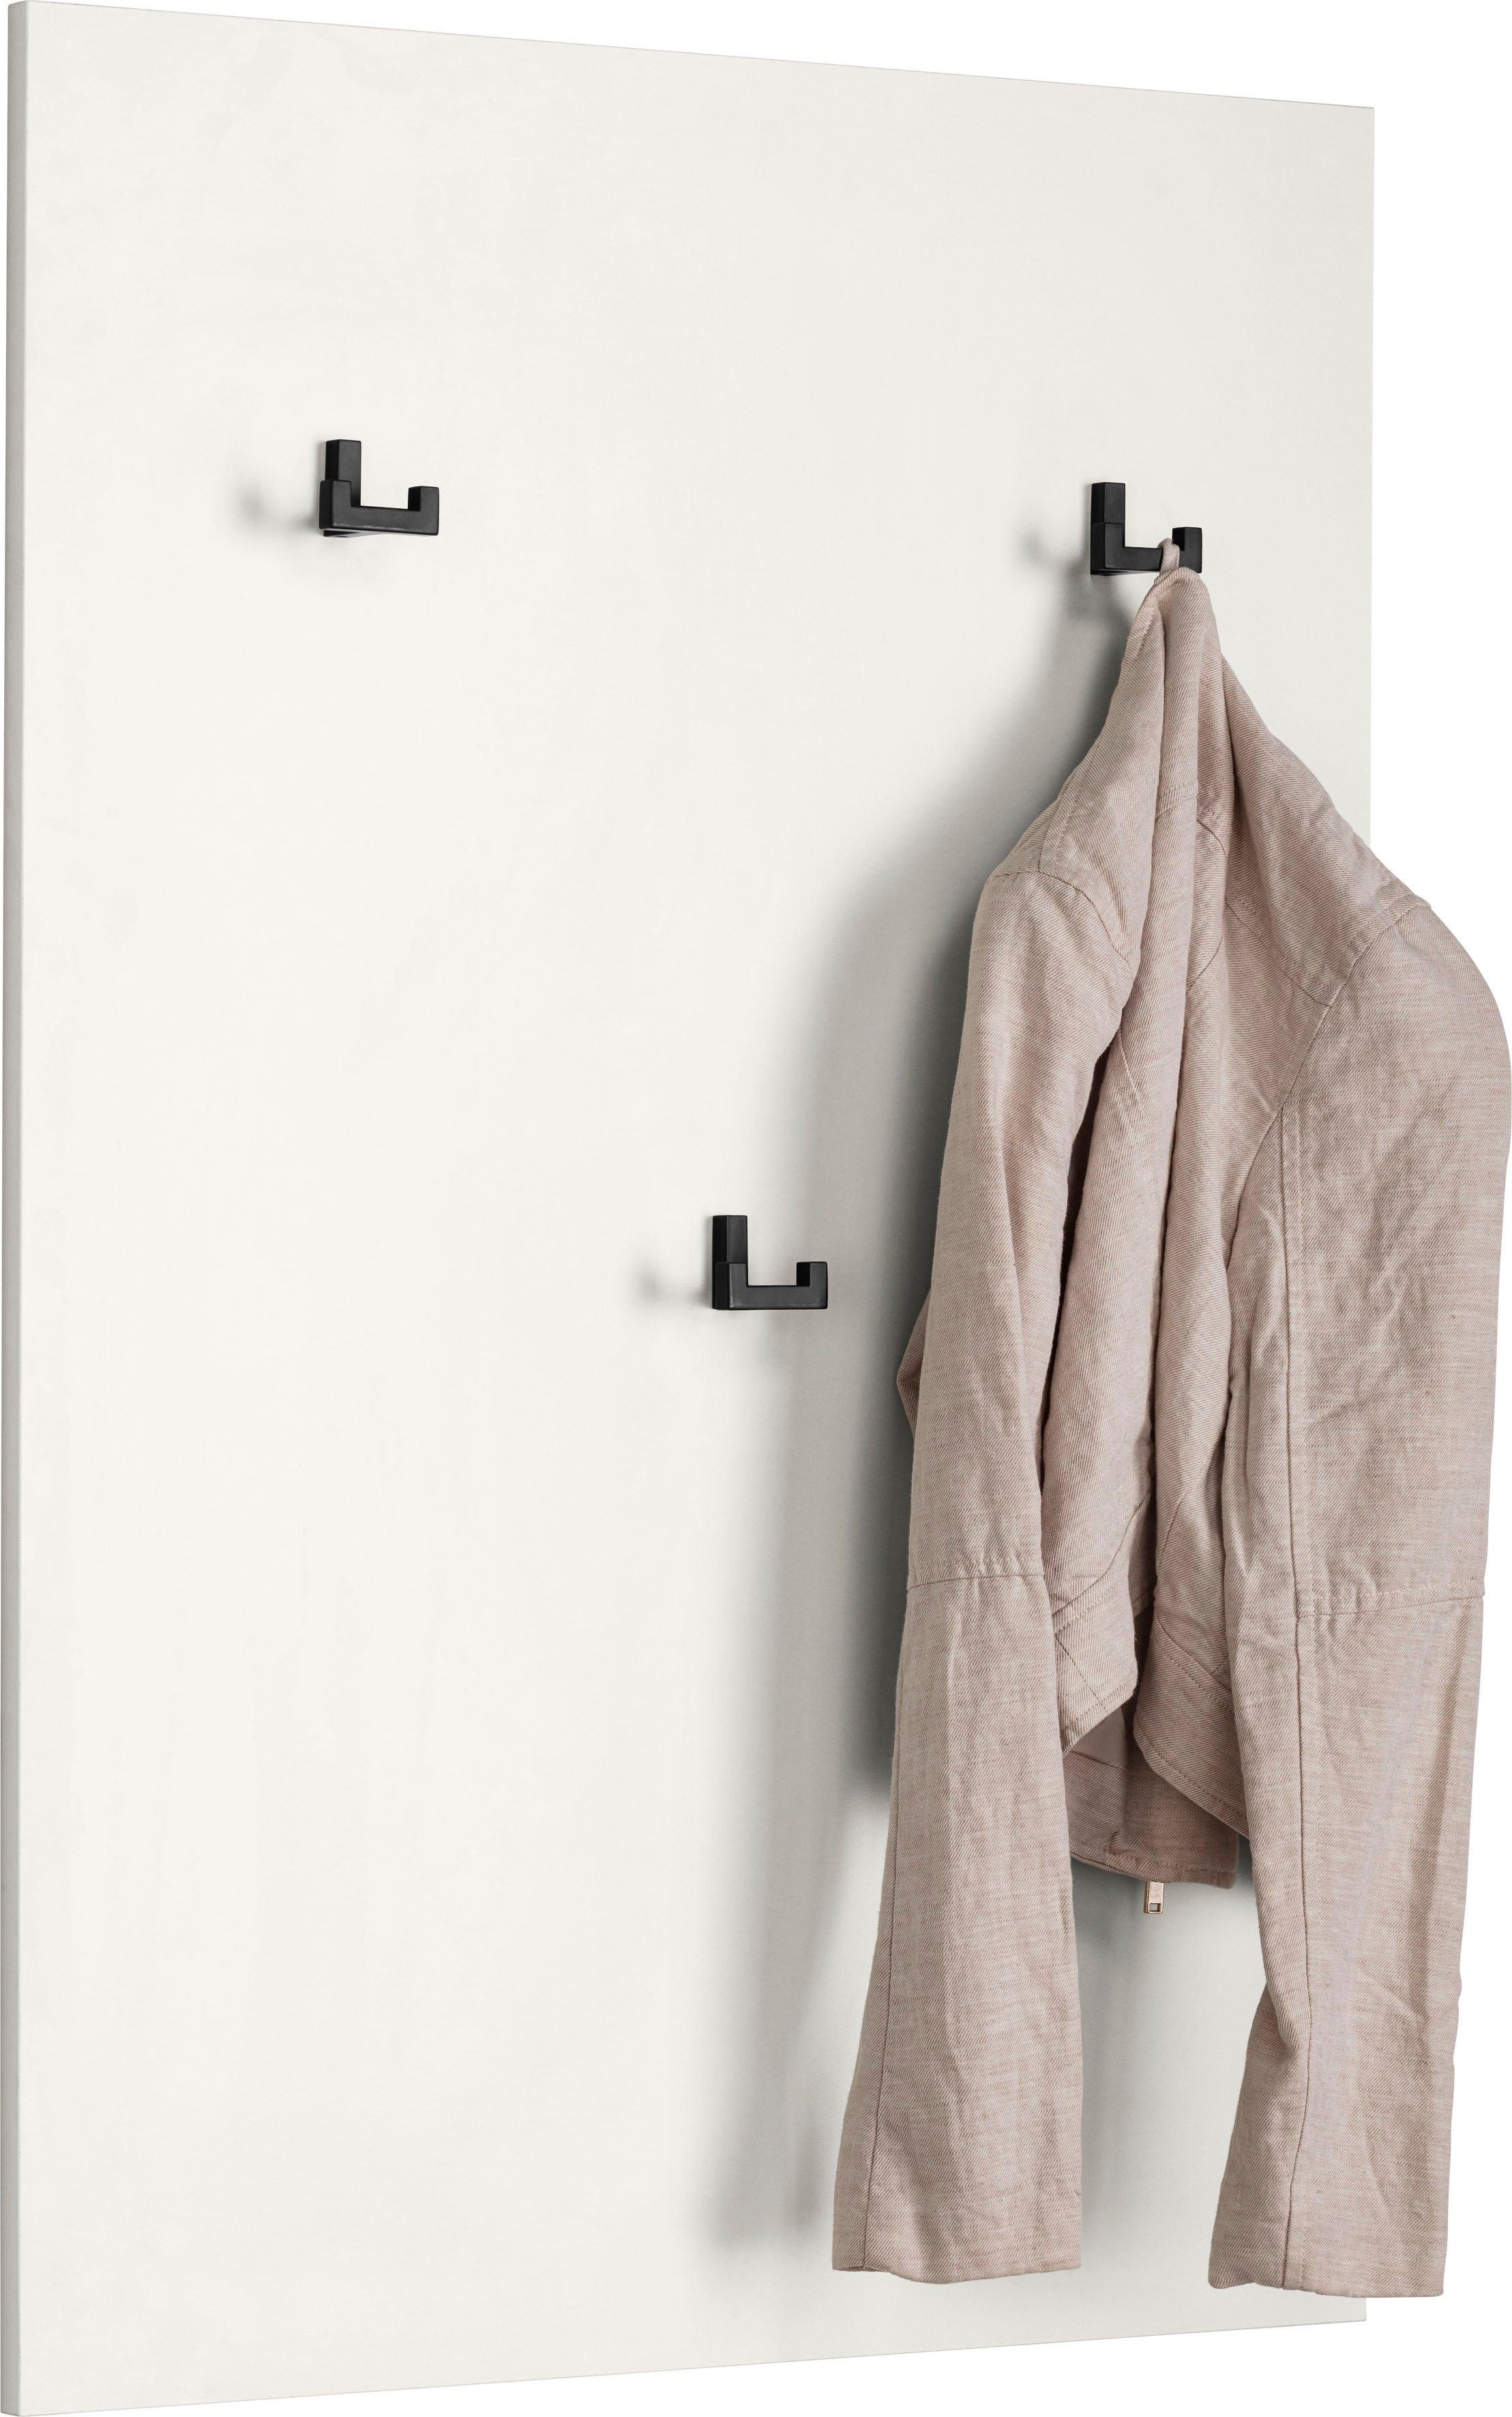 Op zoek naar een OTTO products kapstokpaneel Maara Breedte 68,5 cm, metalen haken? Koop online bij OTTO